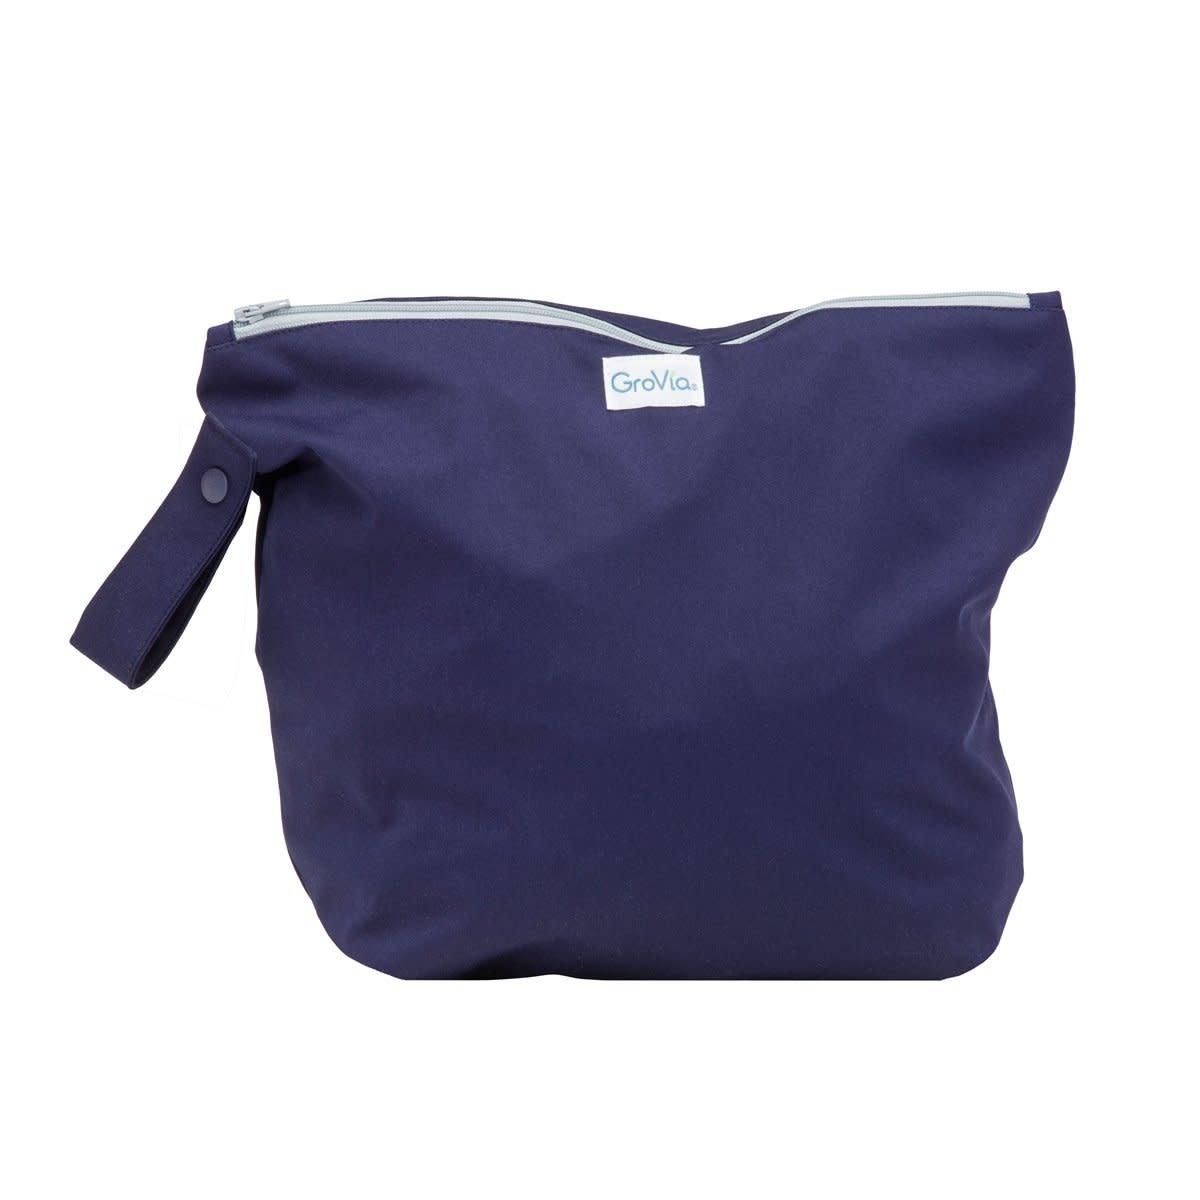 GroVia GroVia - Zippered Wet Bag - Arctic